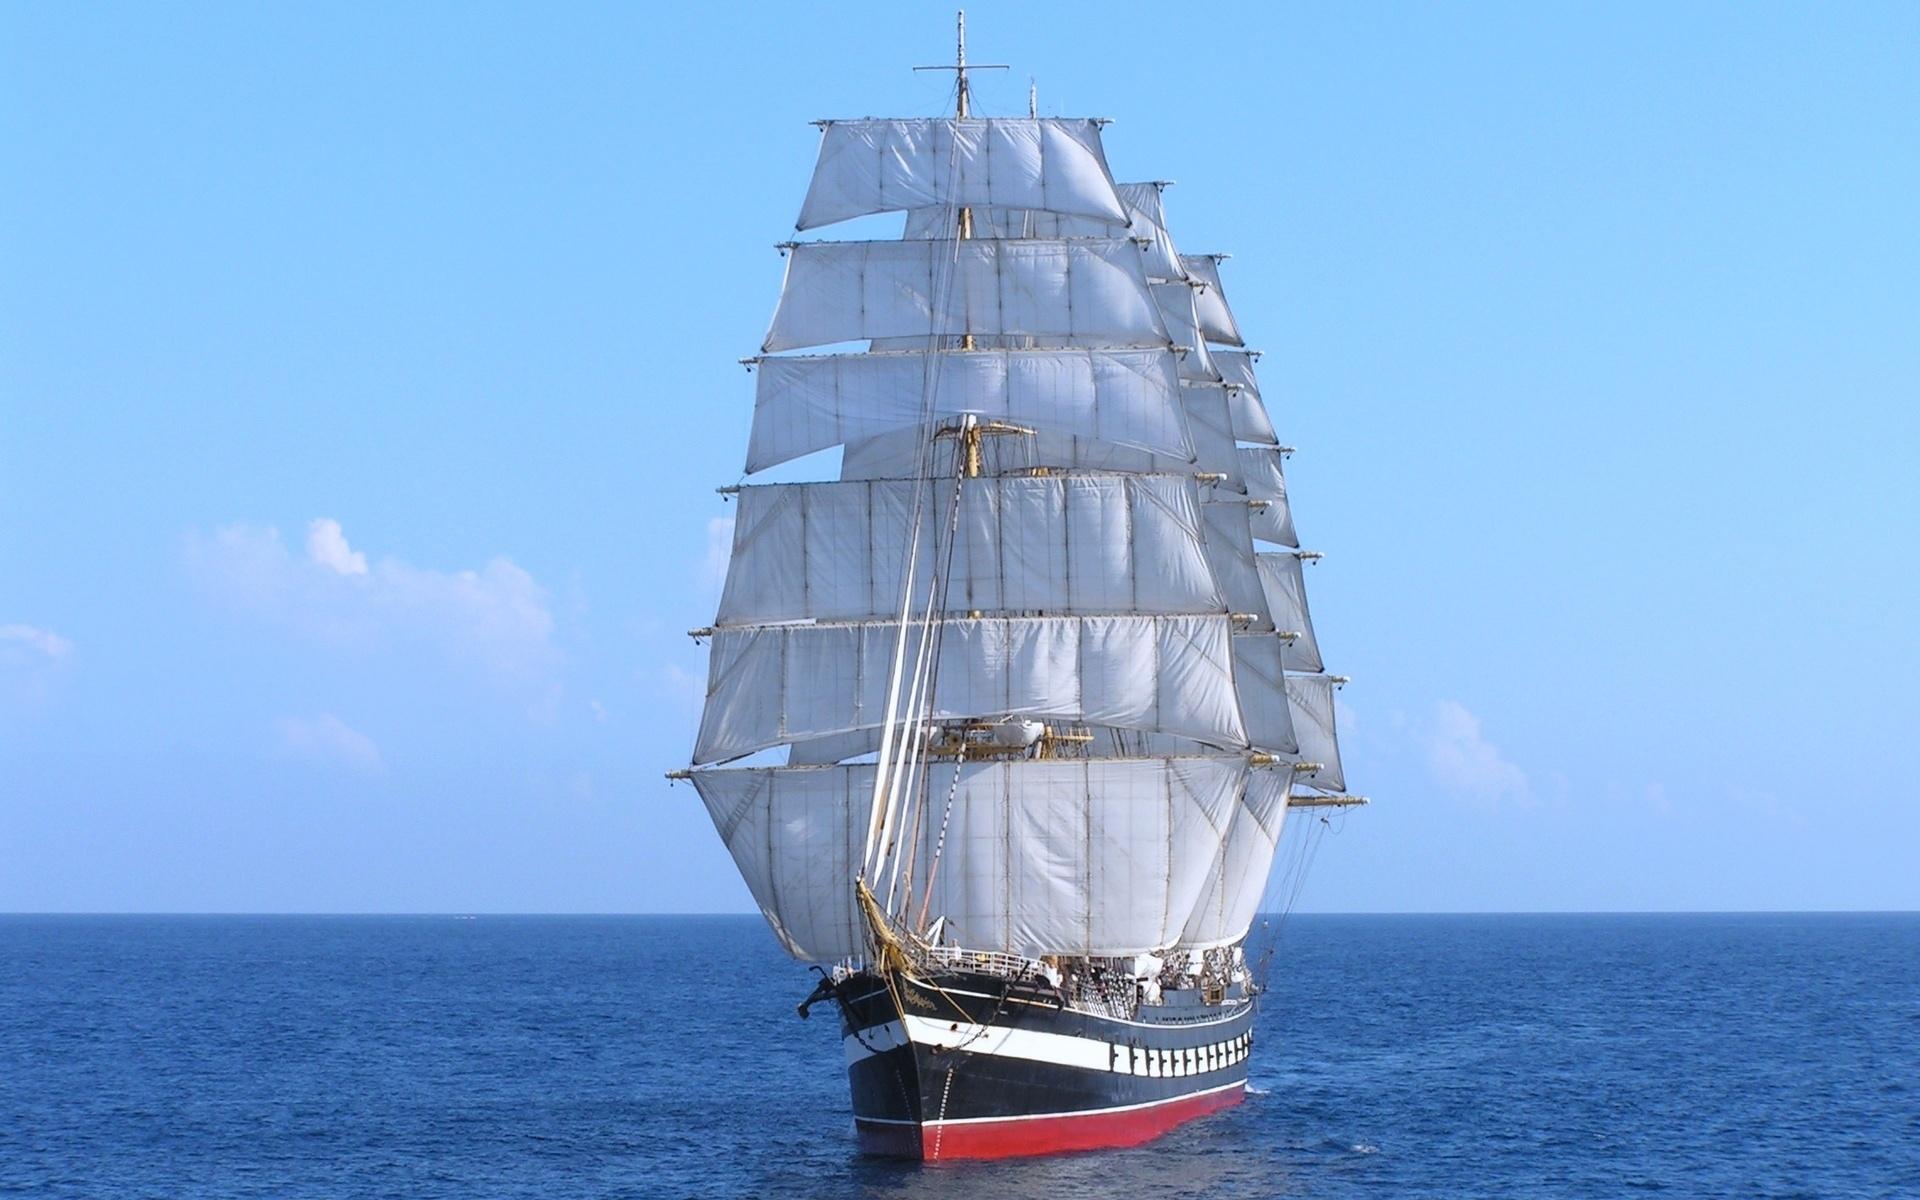 расскажу фото кораблей с парусами в море начале